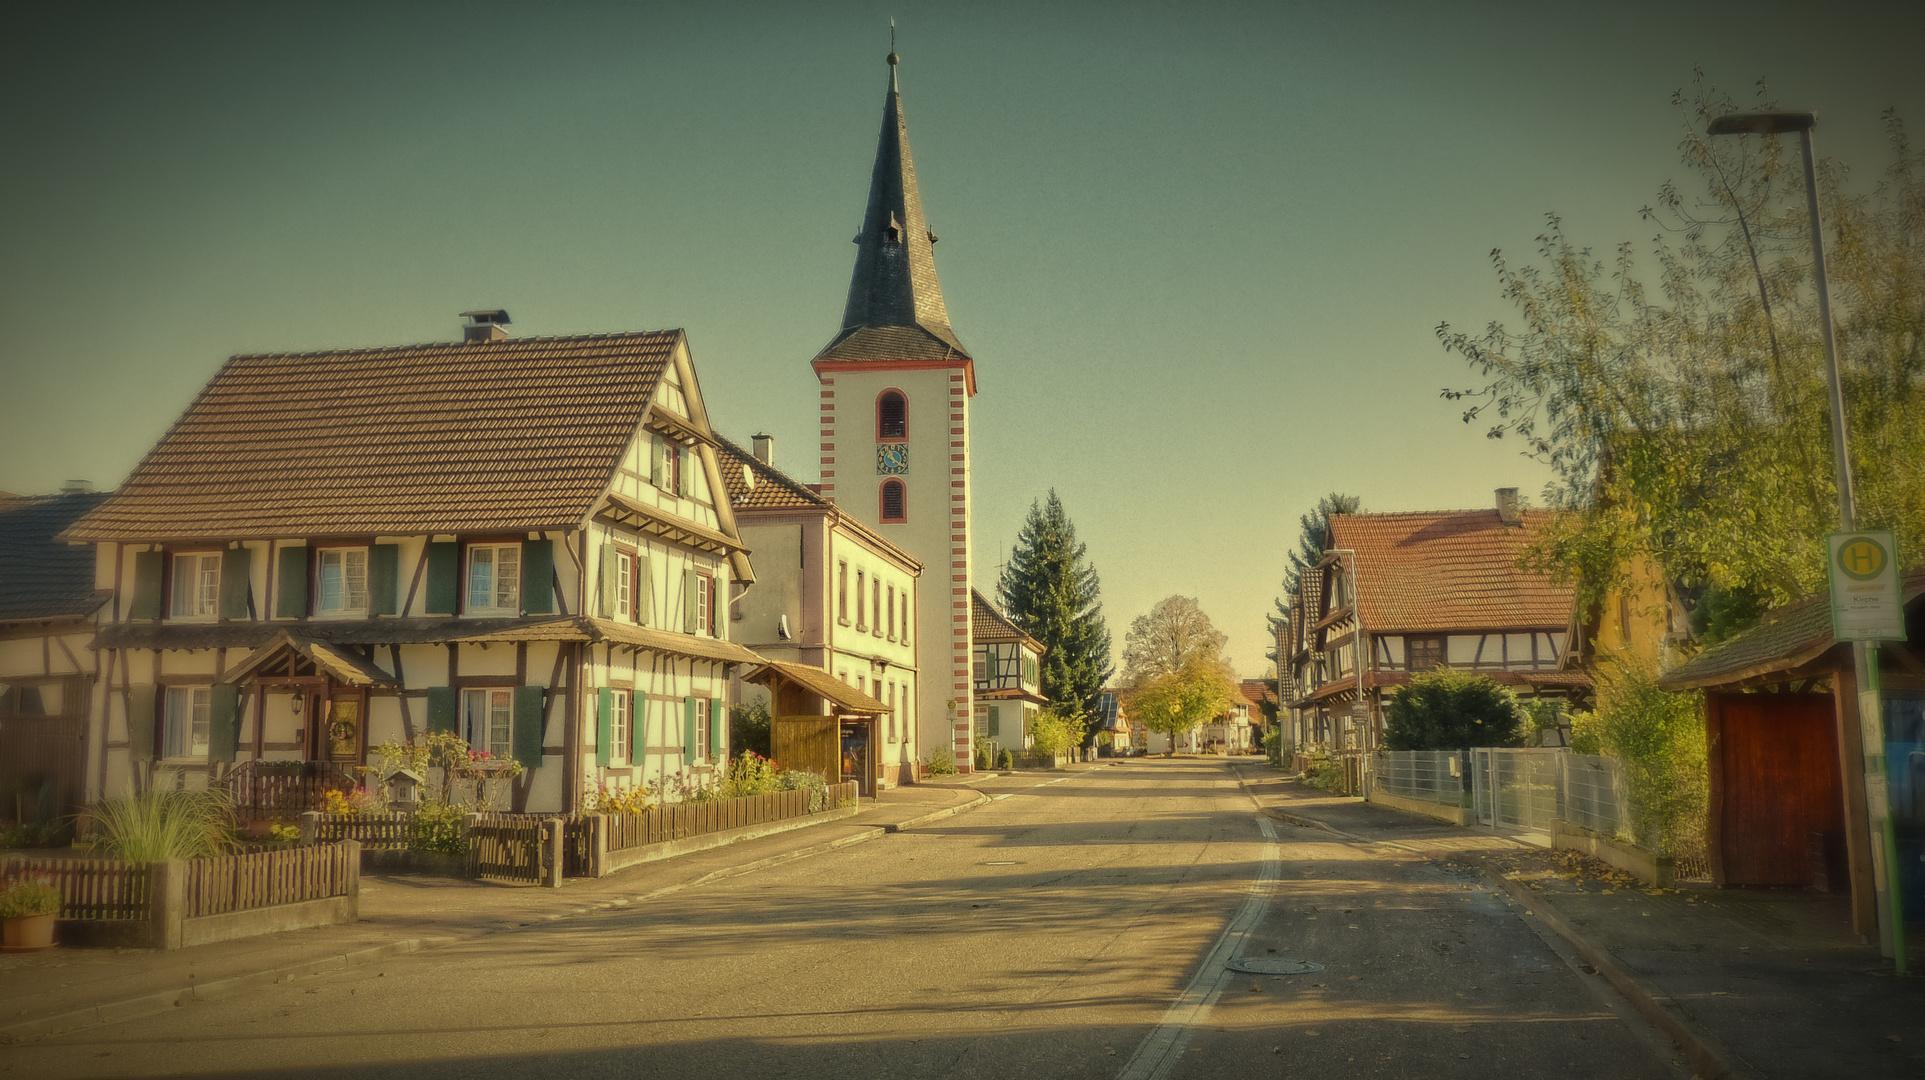 Diersheim